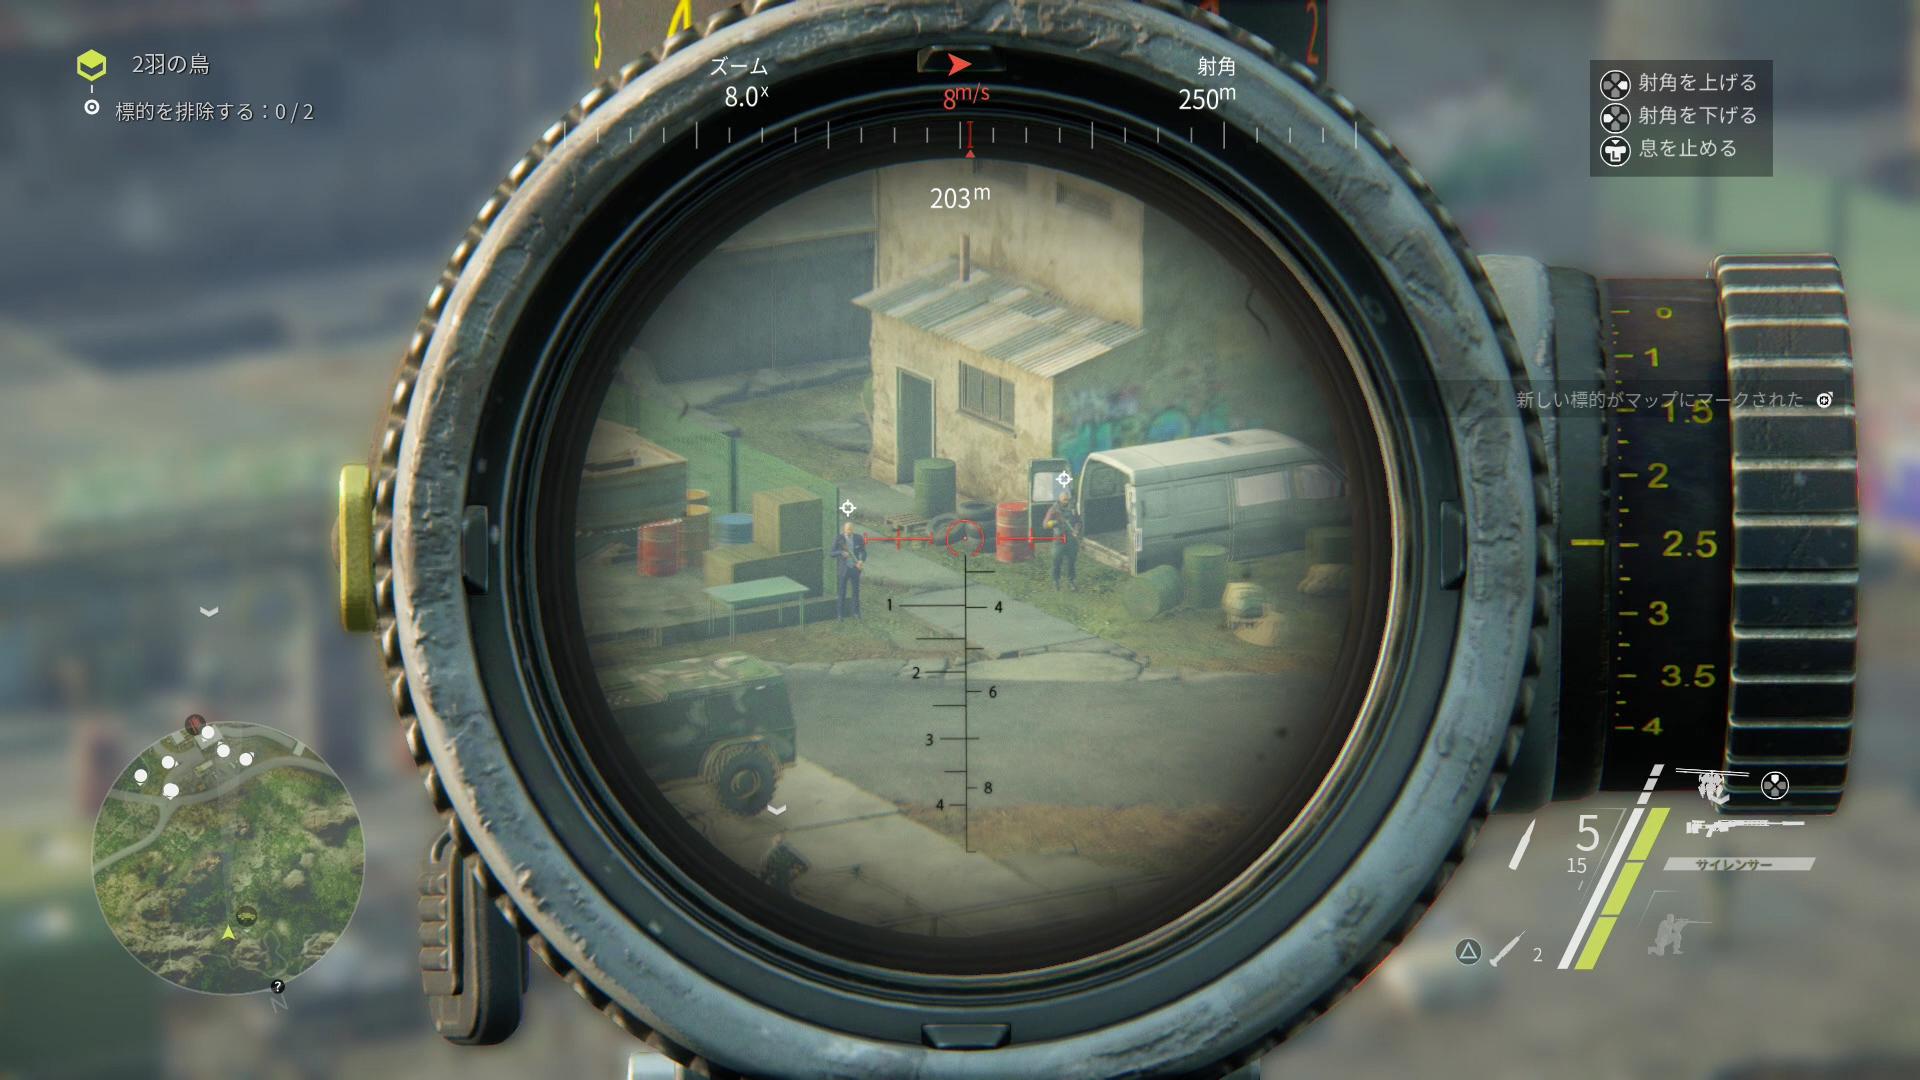 ターゲットは他の敵兵と比べるとマーカーの形状が異なるため、認識はしやすいはずだ。最初のメインミッション「2羽の鳥」では、ターゲットの2人が一応武器を持って警戒はしているものの、割と堂々と遮蔽のない場所でのんびり立っているので、ターゲットだけを狙って狙撃する練習には格好の的だ